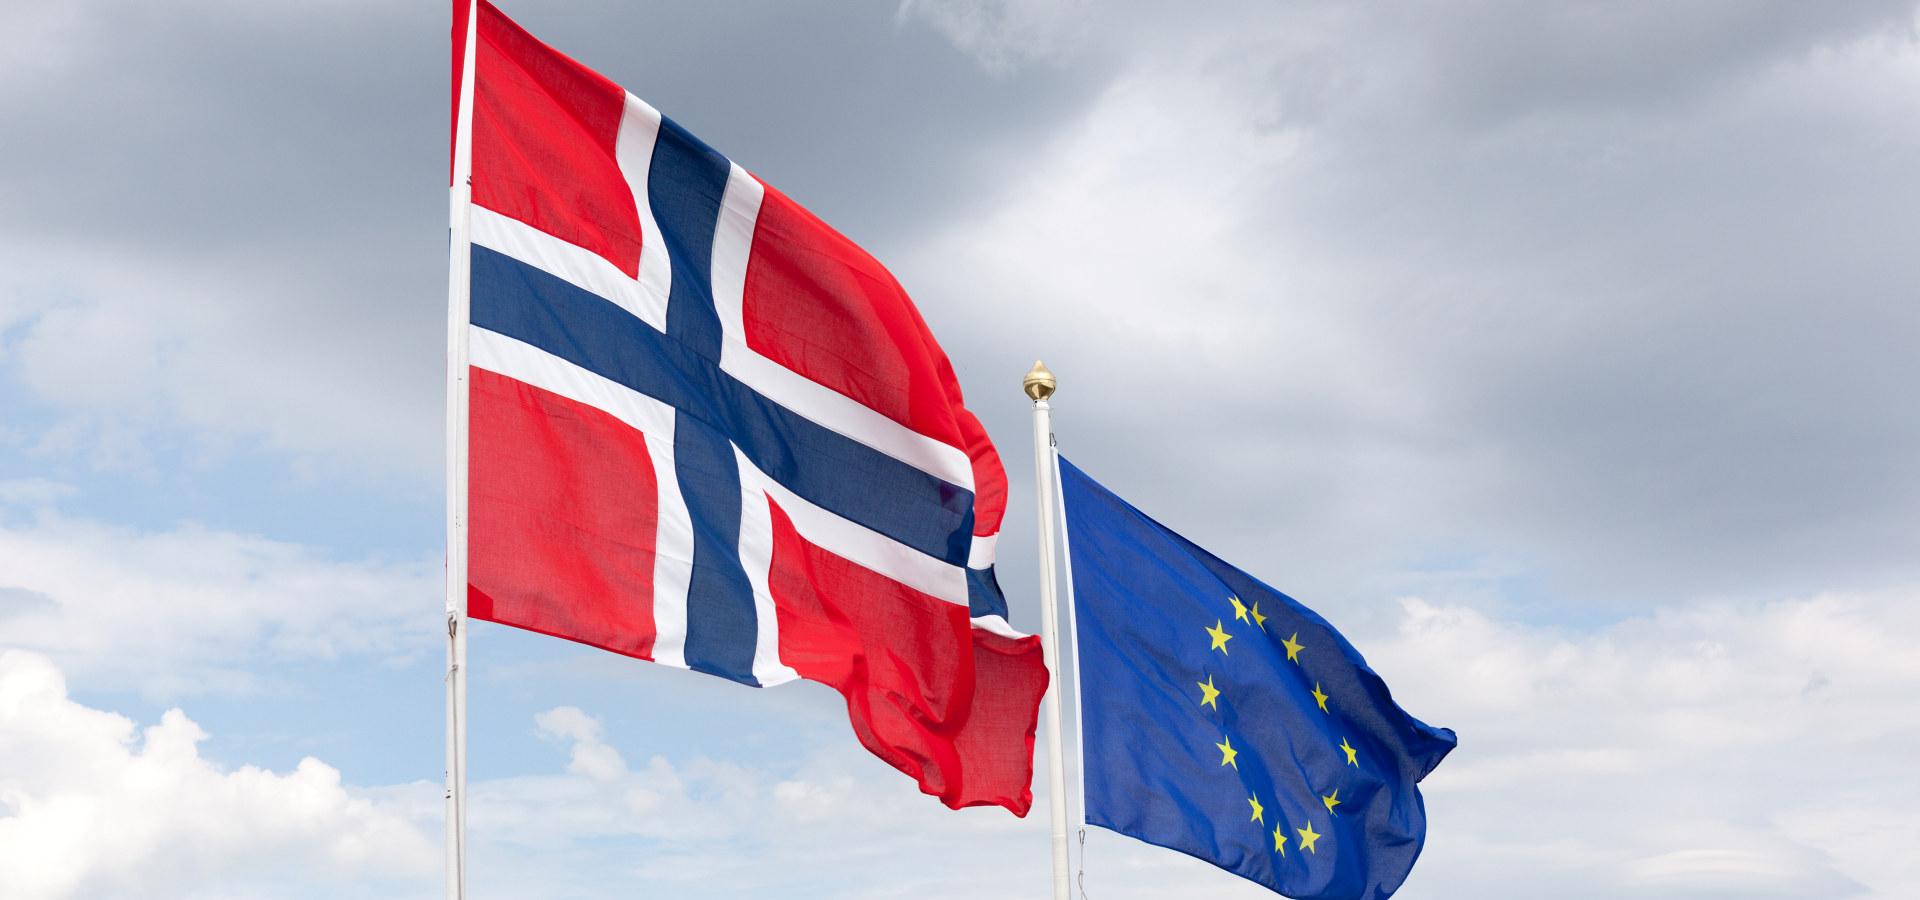 Norsk flagg og EU-flagg